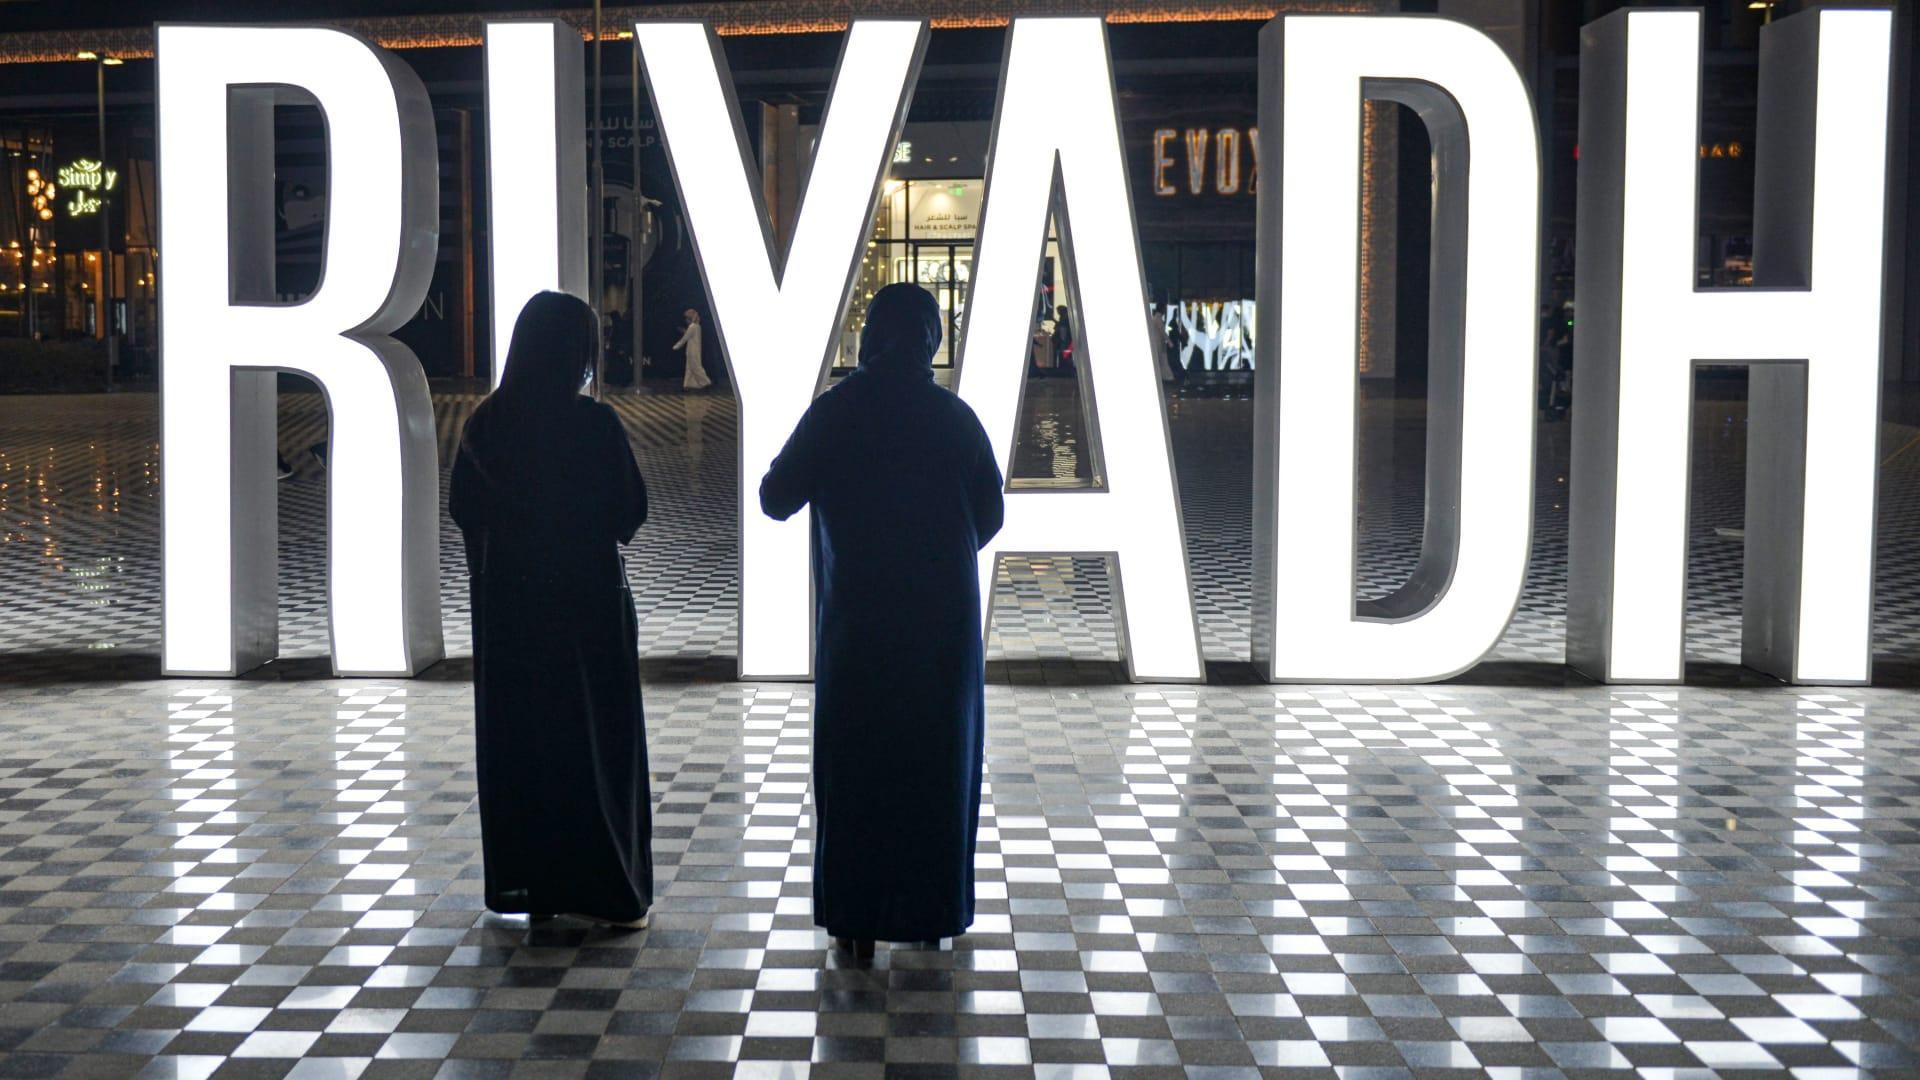 السعودية توضح العقوبات الـ3 على الوافد الذي يعمل لحسابه الخاص